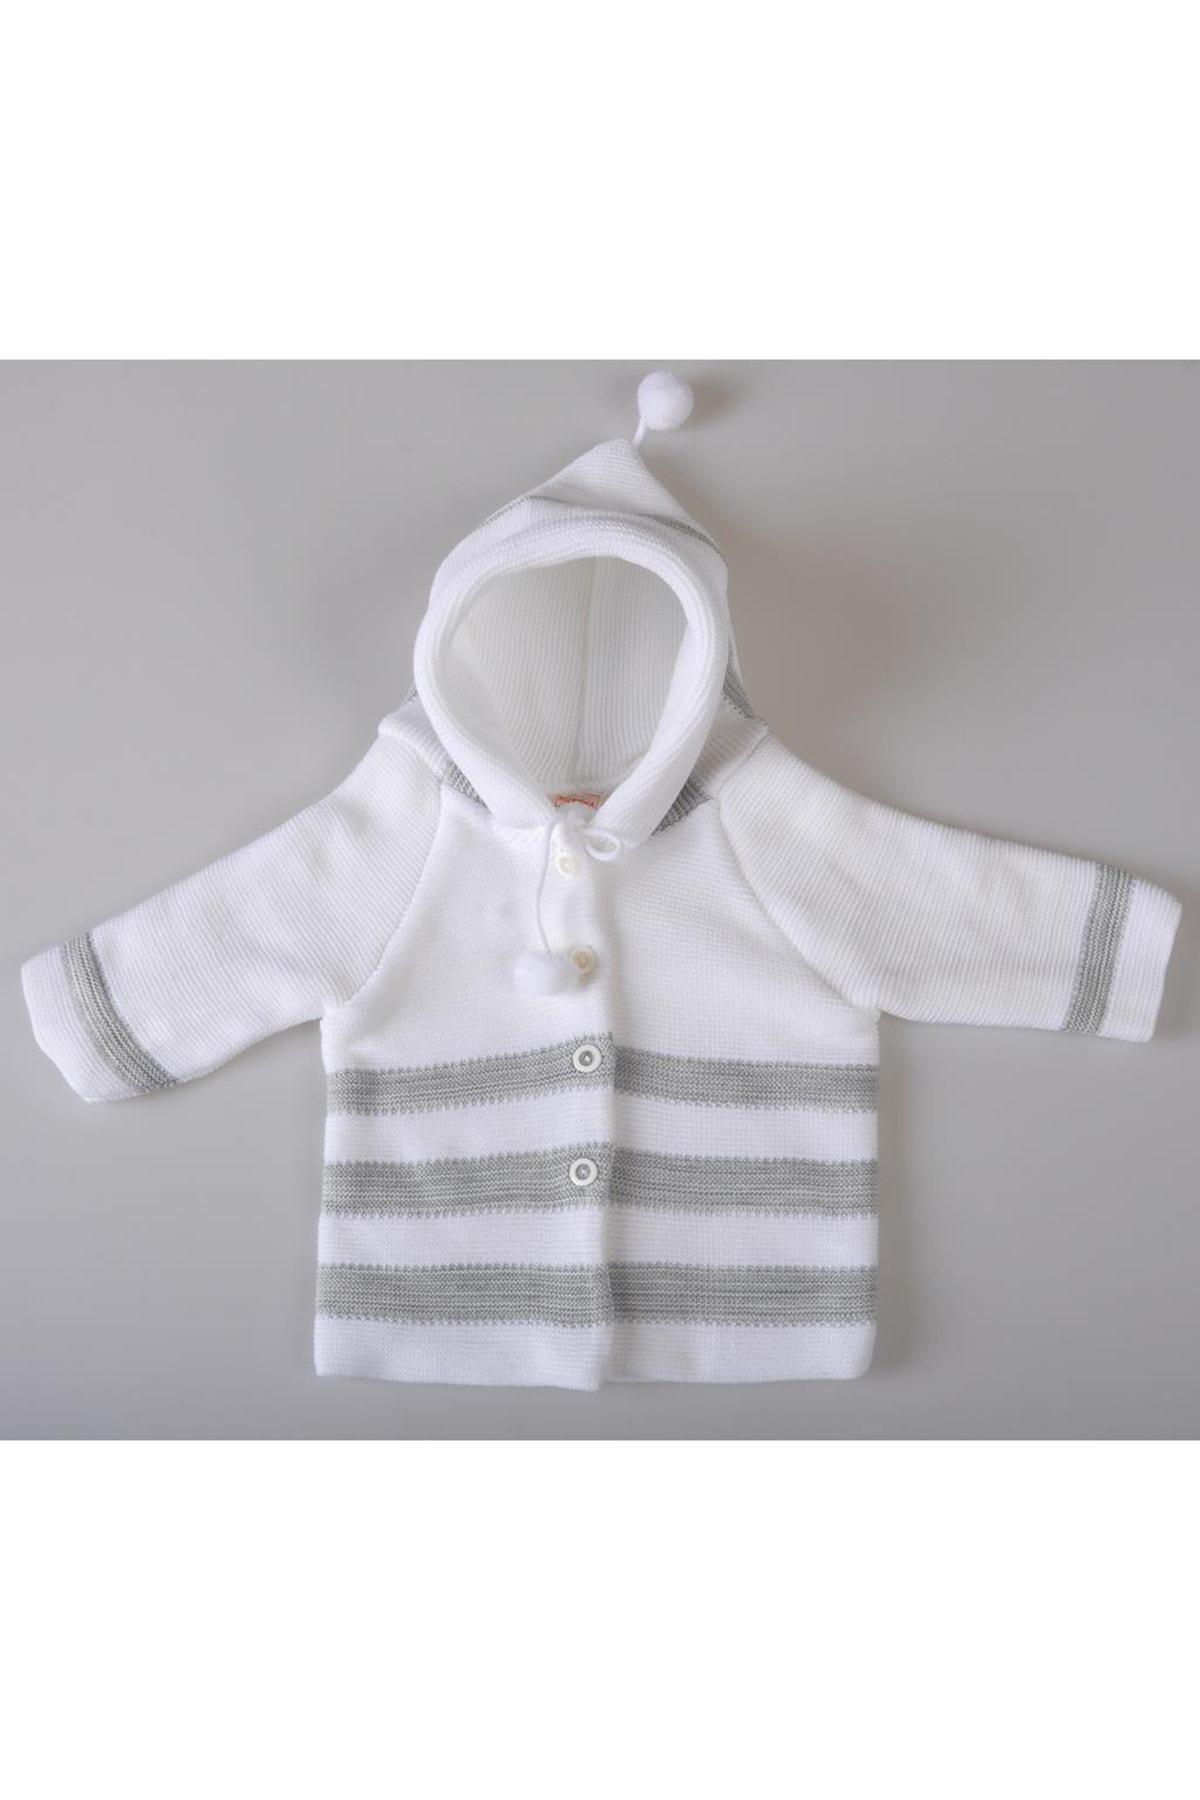 POKY BEBE Kız Erkek Bebek Kapüşonlu Uzun Kollu Ponponlu Kışlık Hırka 0-6 Ay-0112